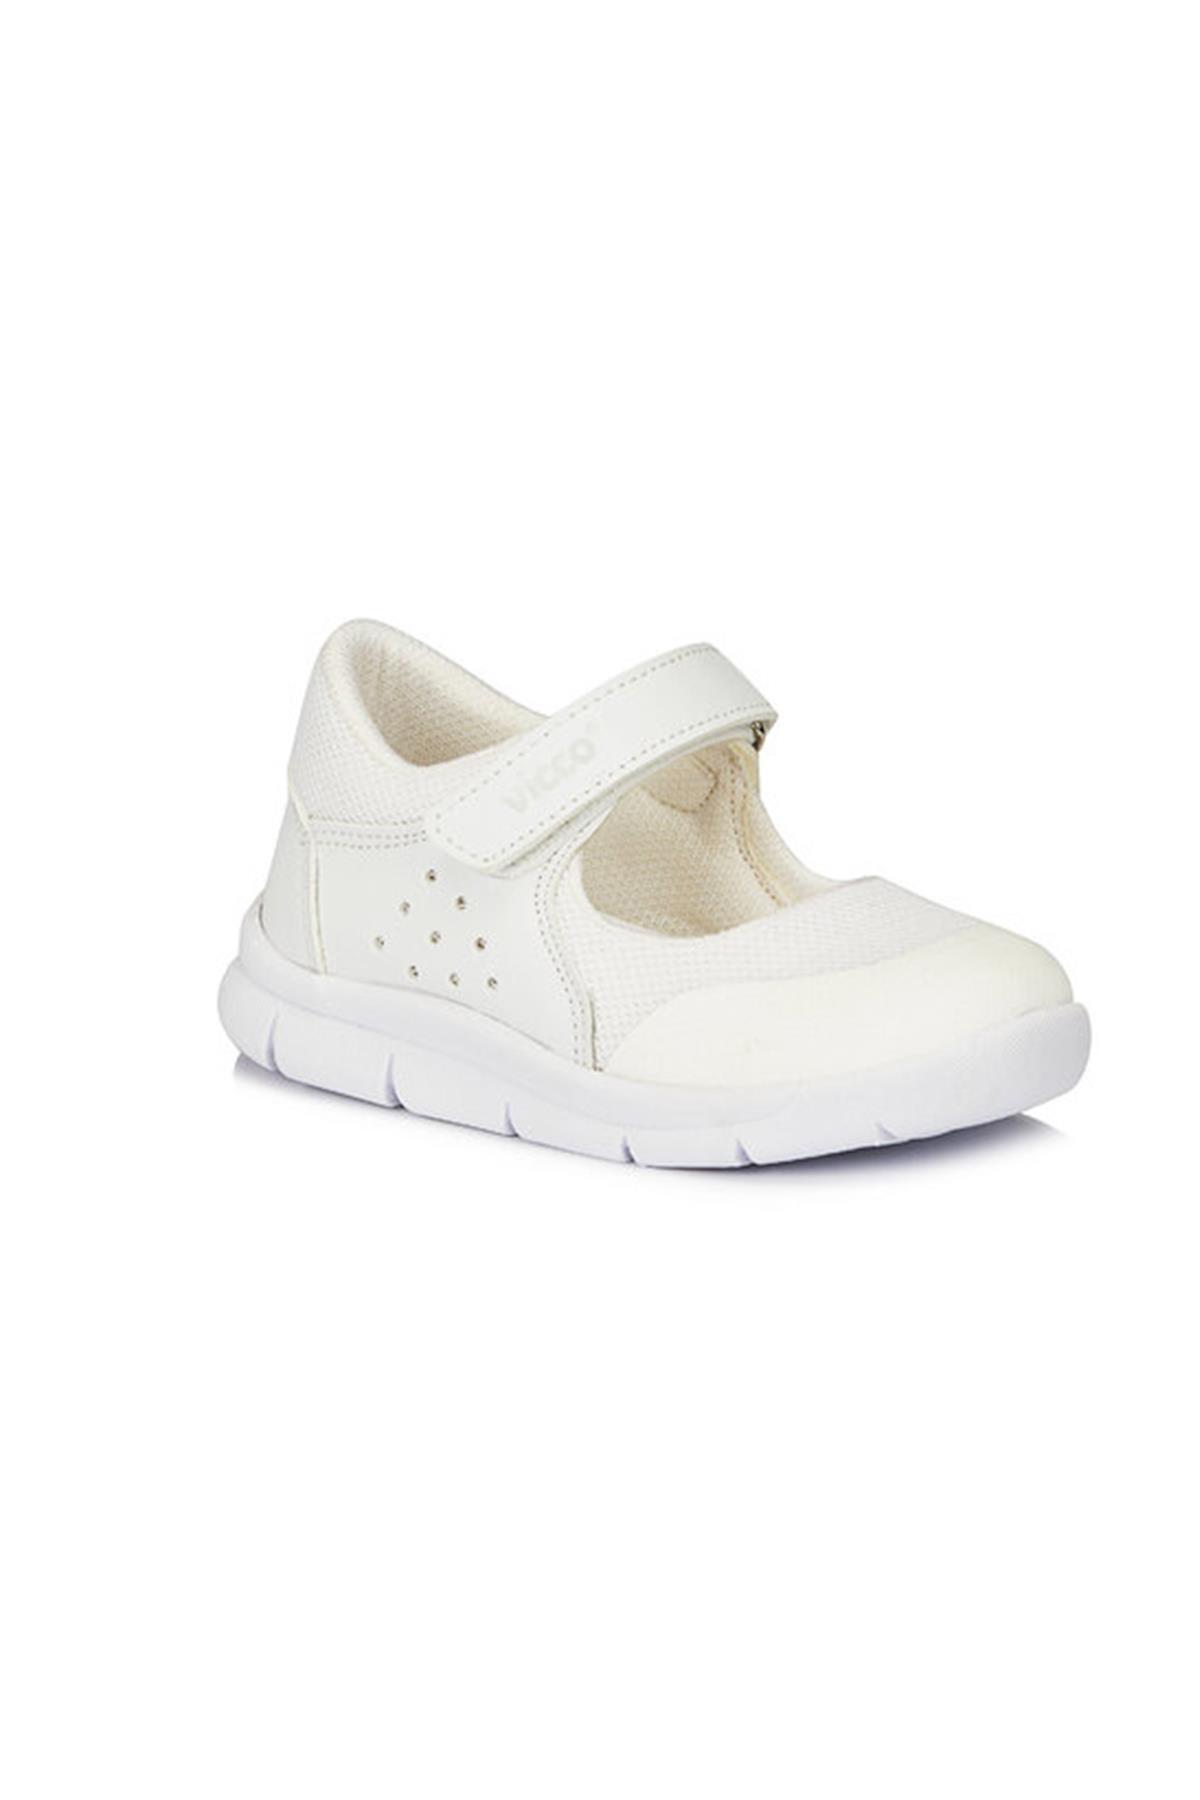 Kız Çocuk Beyaz Lucy Günlük Spor Ayakkabı 346-b21y-114